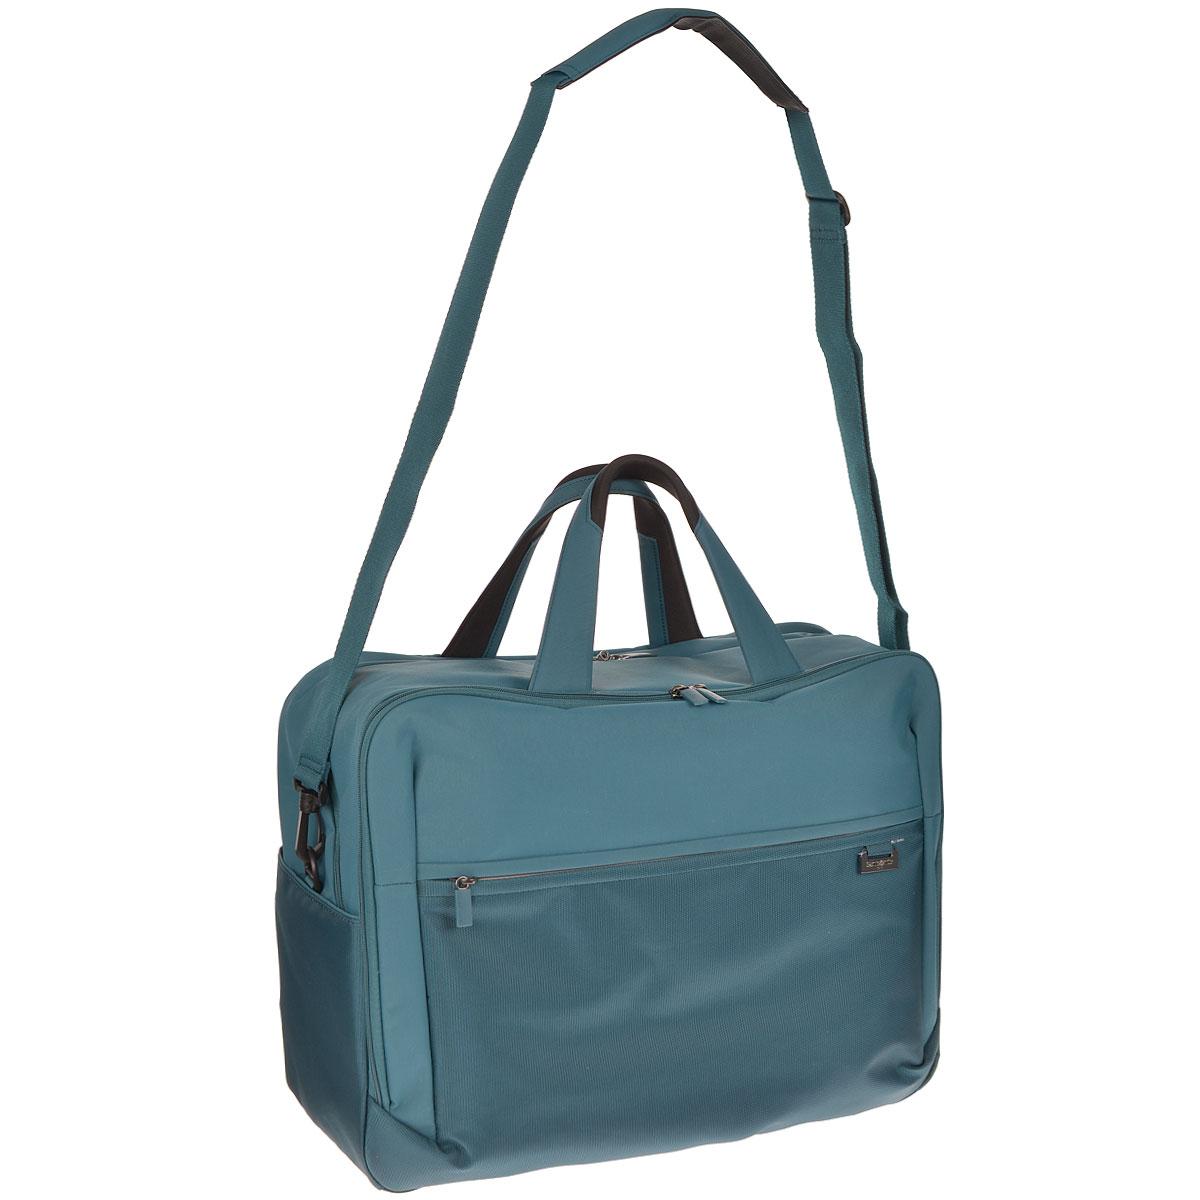 Сумка дорожная Samsonite Short-Lite, цвет: бирюзовый, 46,5 л68U-34004Samsonite Short-Lite – это удобный багаж, который разрабатывался для путешественников, не терпящих лишнего груза. Вместительная сумка позволяет взять с собой все необходимое, независимо от дальности перелета и длительности путешествия. Удобные ручки и плотные стенки, карманы с надежными молниями, ненавязчивая расцветка и эргономичное внутреннее пространство – все это доставит вам много удовольствия в поездках.Эргономичная и емкая, сумка из коллекции Short-Lite от Samsonite отличается невероятной легкостью и небольшими размерами, а это значит, что вы будете платить исключительно за вес багажа, а не за громоздкие тяжелые сумки.